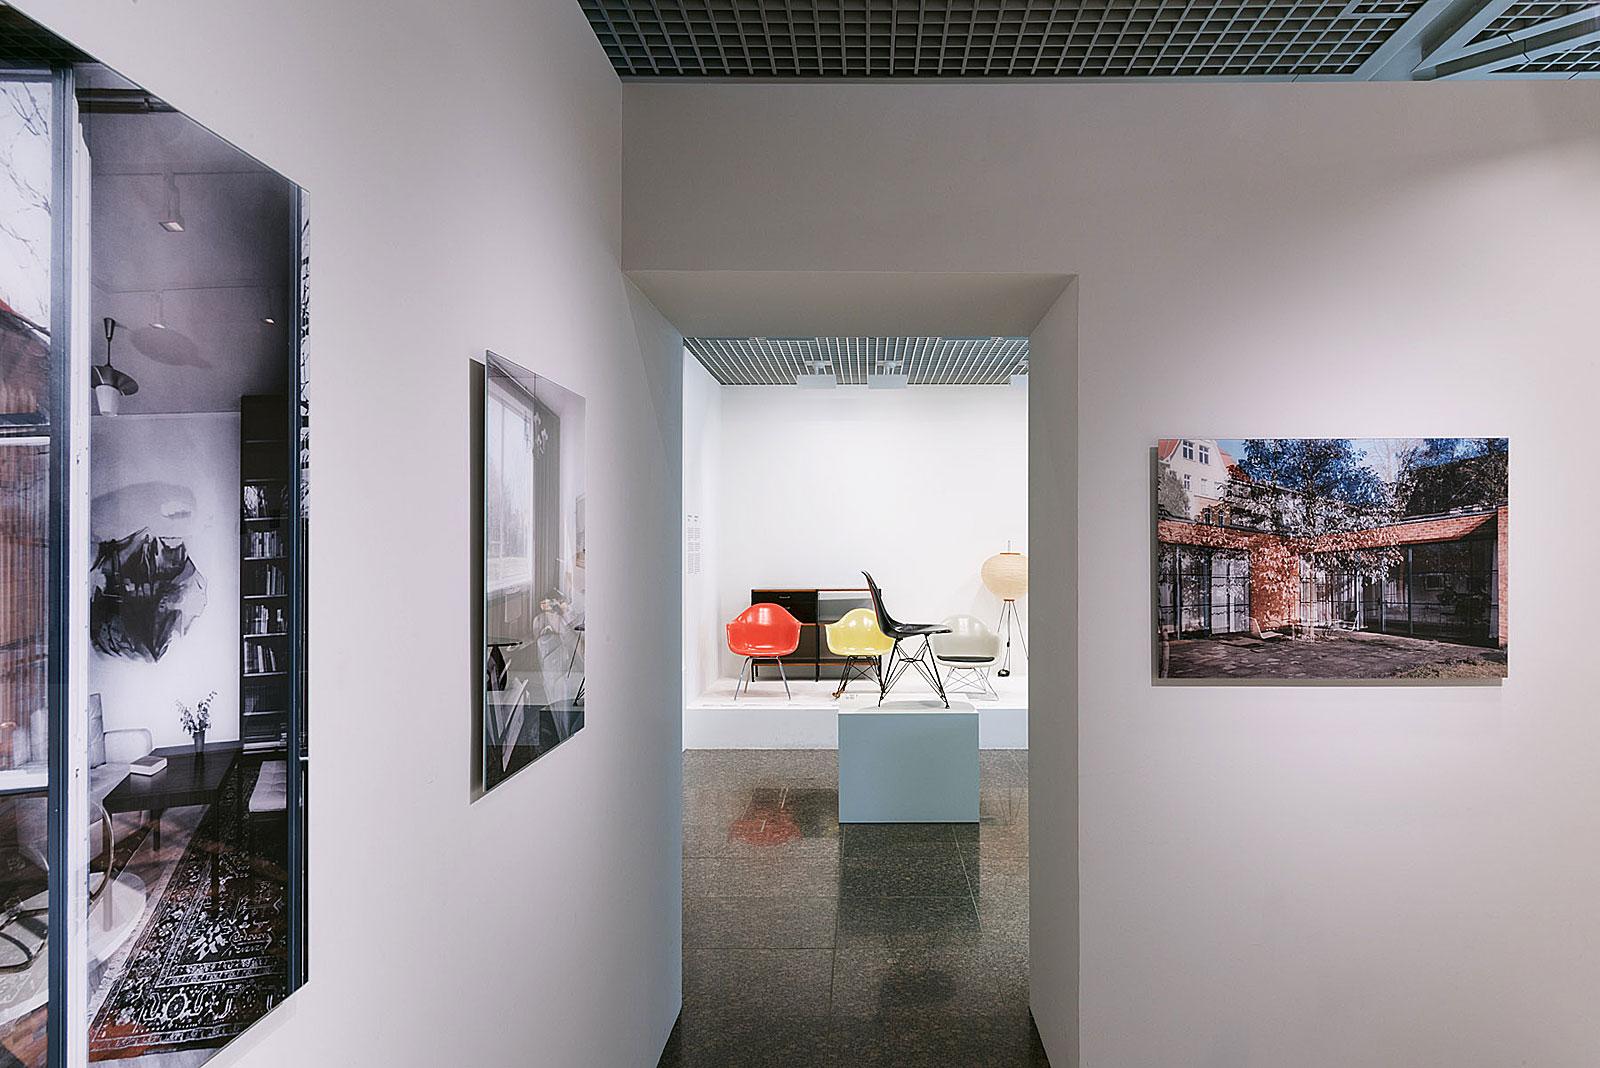 Doubleday, Kunstgewerbemuseum Berlin (11.4.2018)